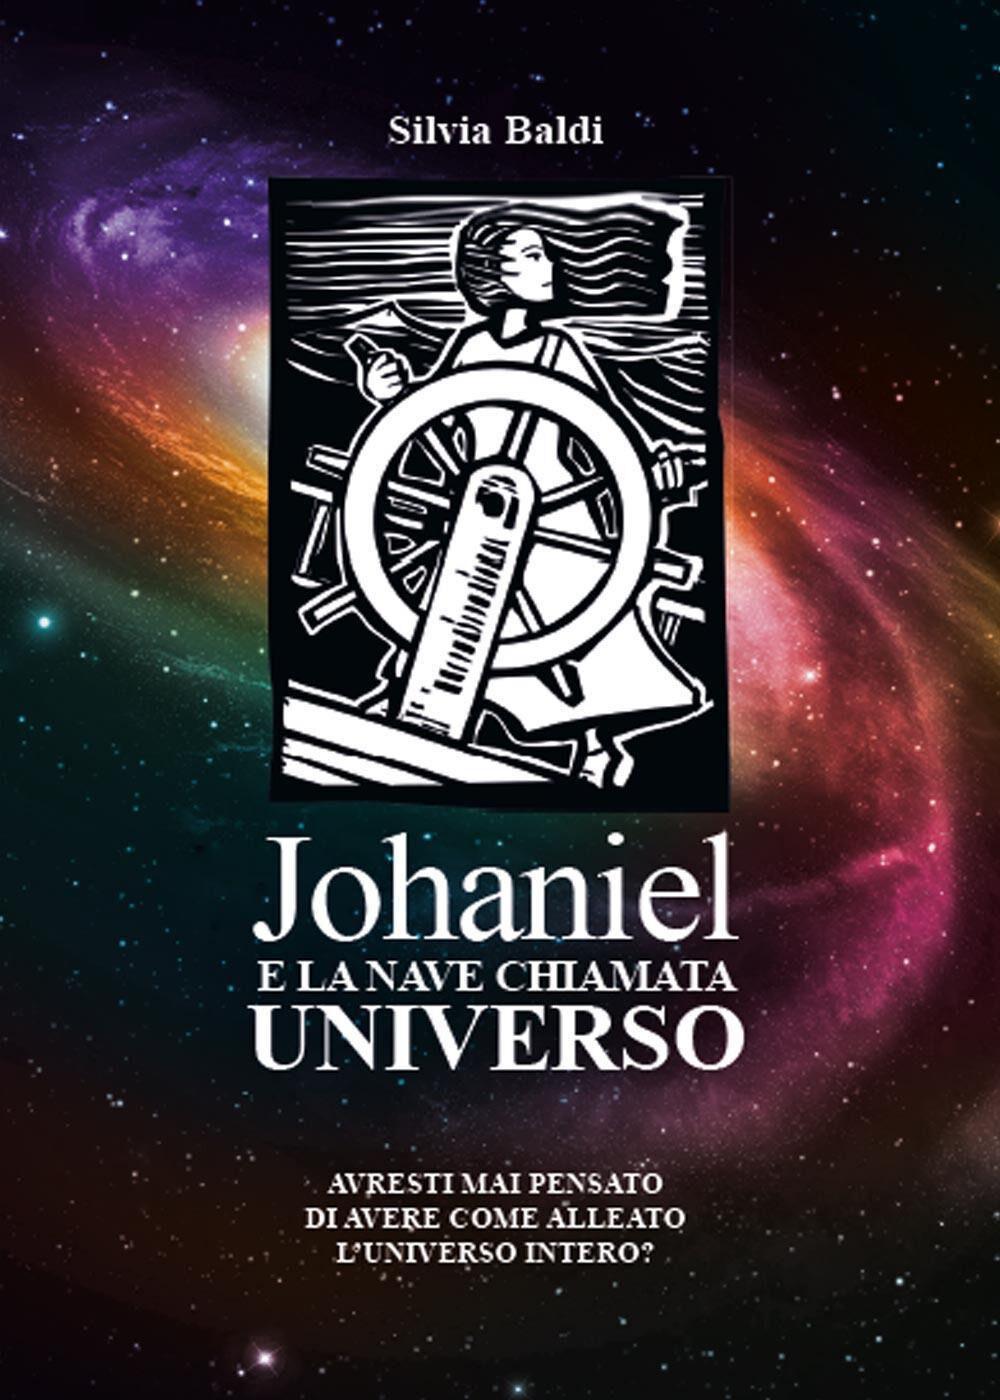 Johaniel e la nave chiamata universo